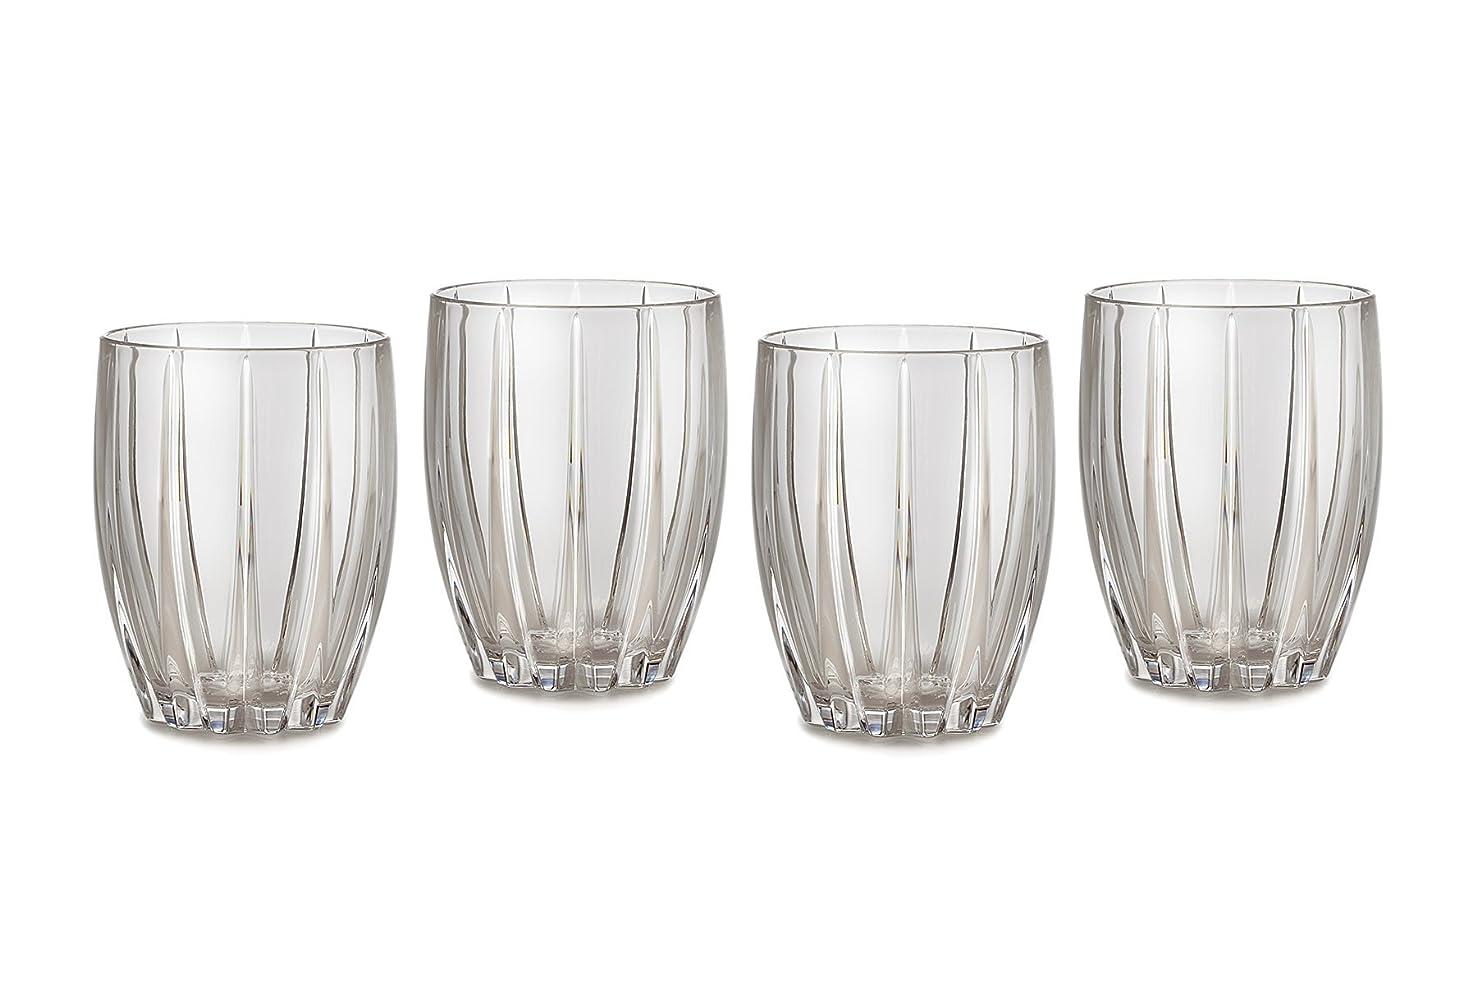 コストポンプ平凡Marquis by Waterford Omega Double Old Fashioned Glasses, Set of 4 by Marquis By Waterford